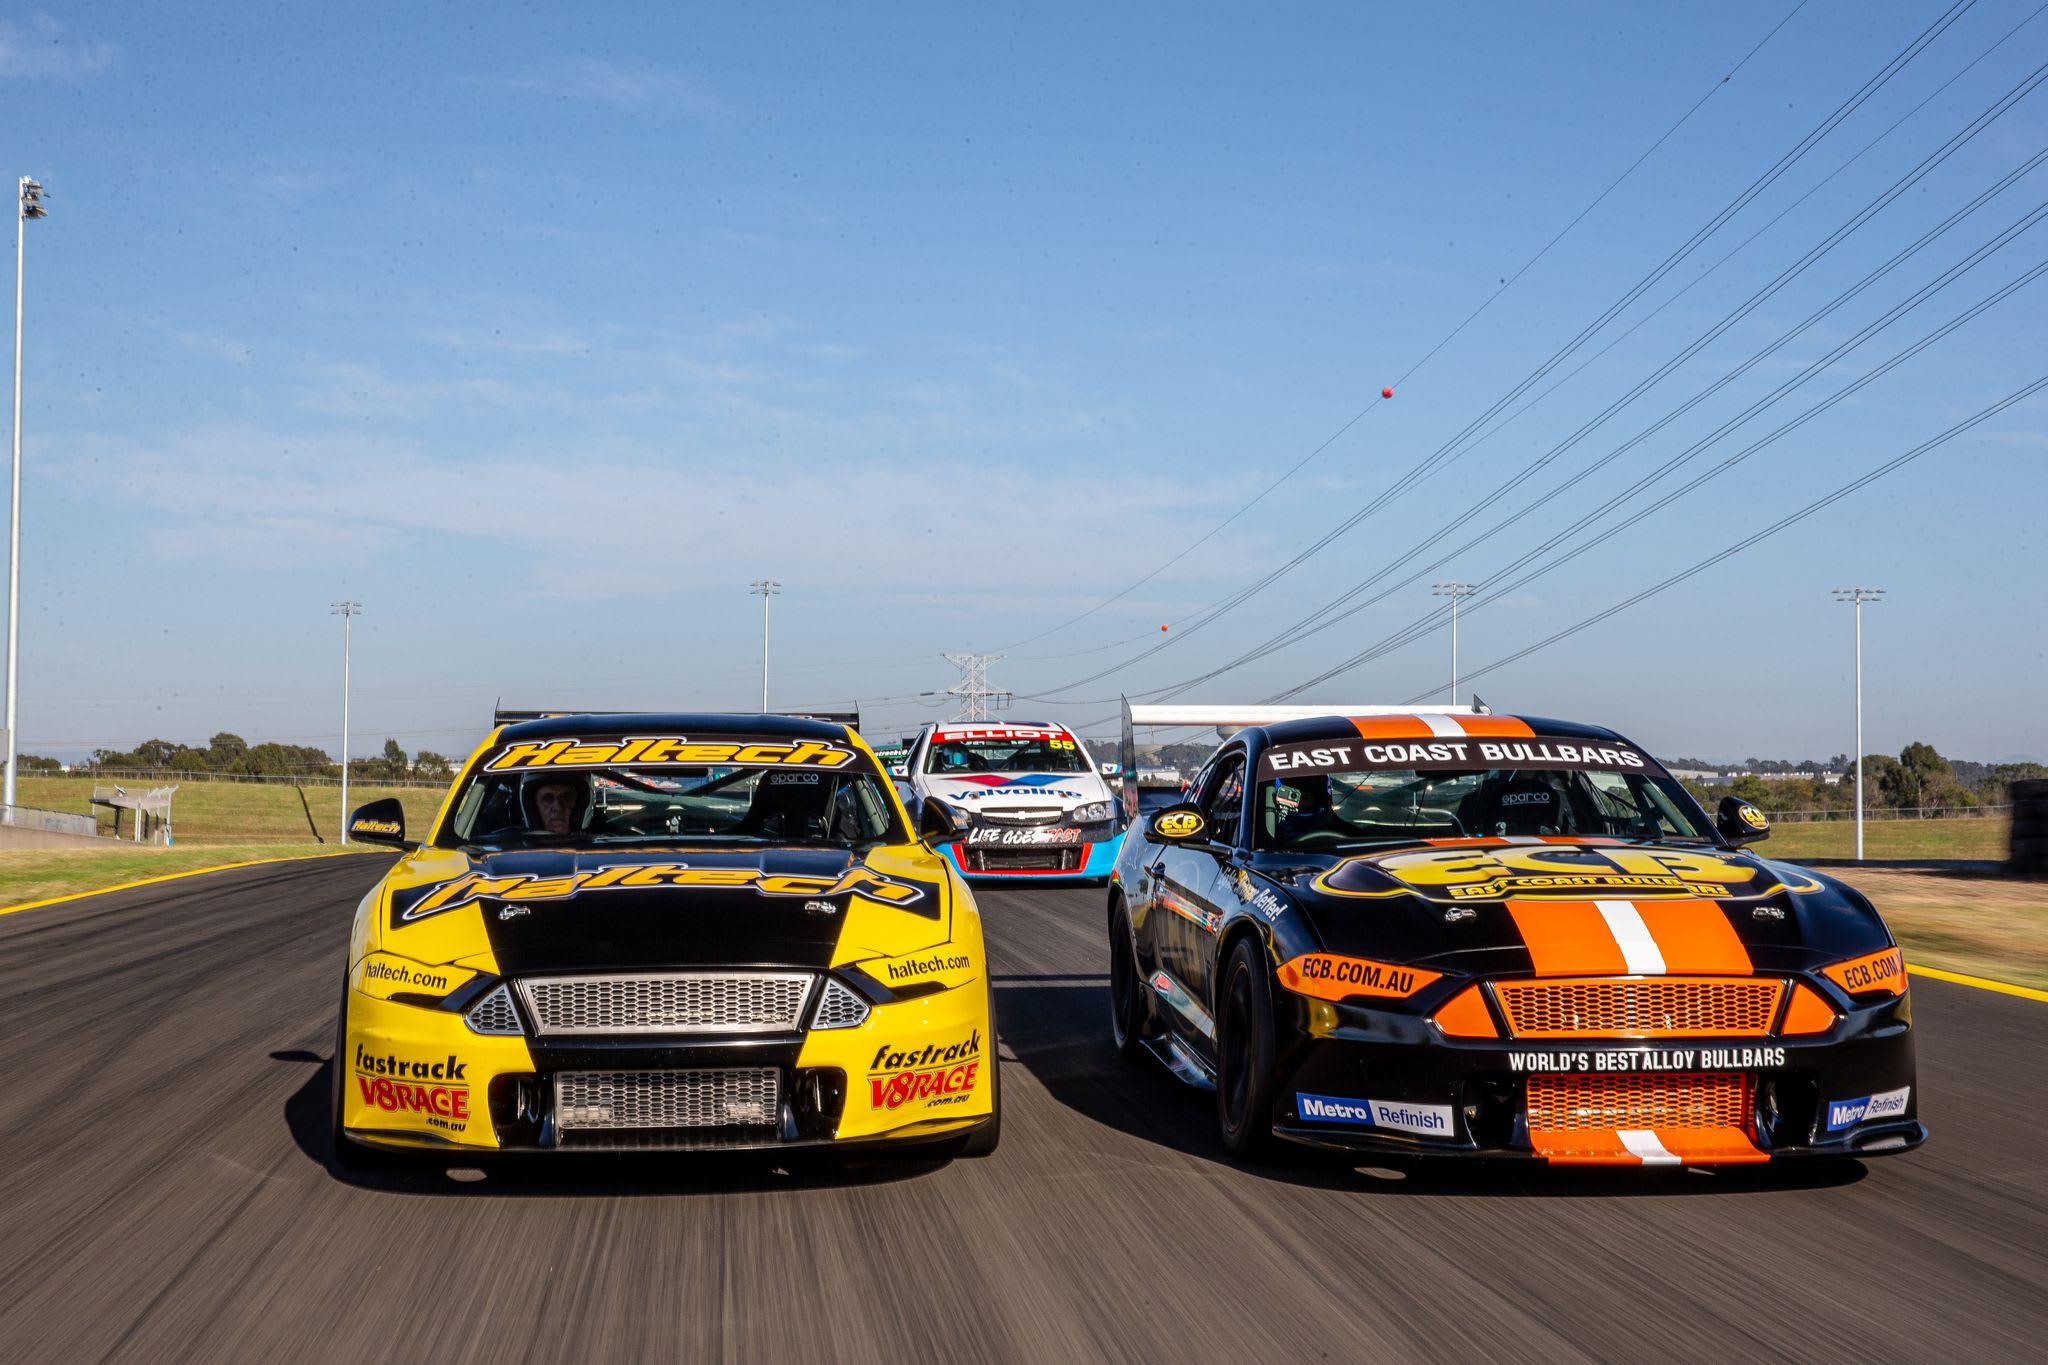 V8 Race Car 4 Lap Drive - Barbagallo, Perth